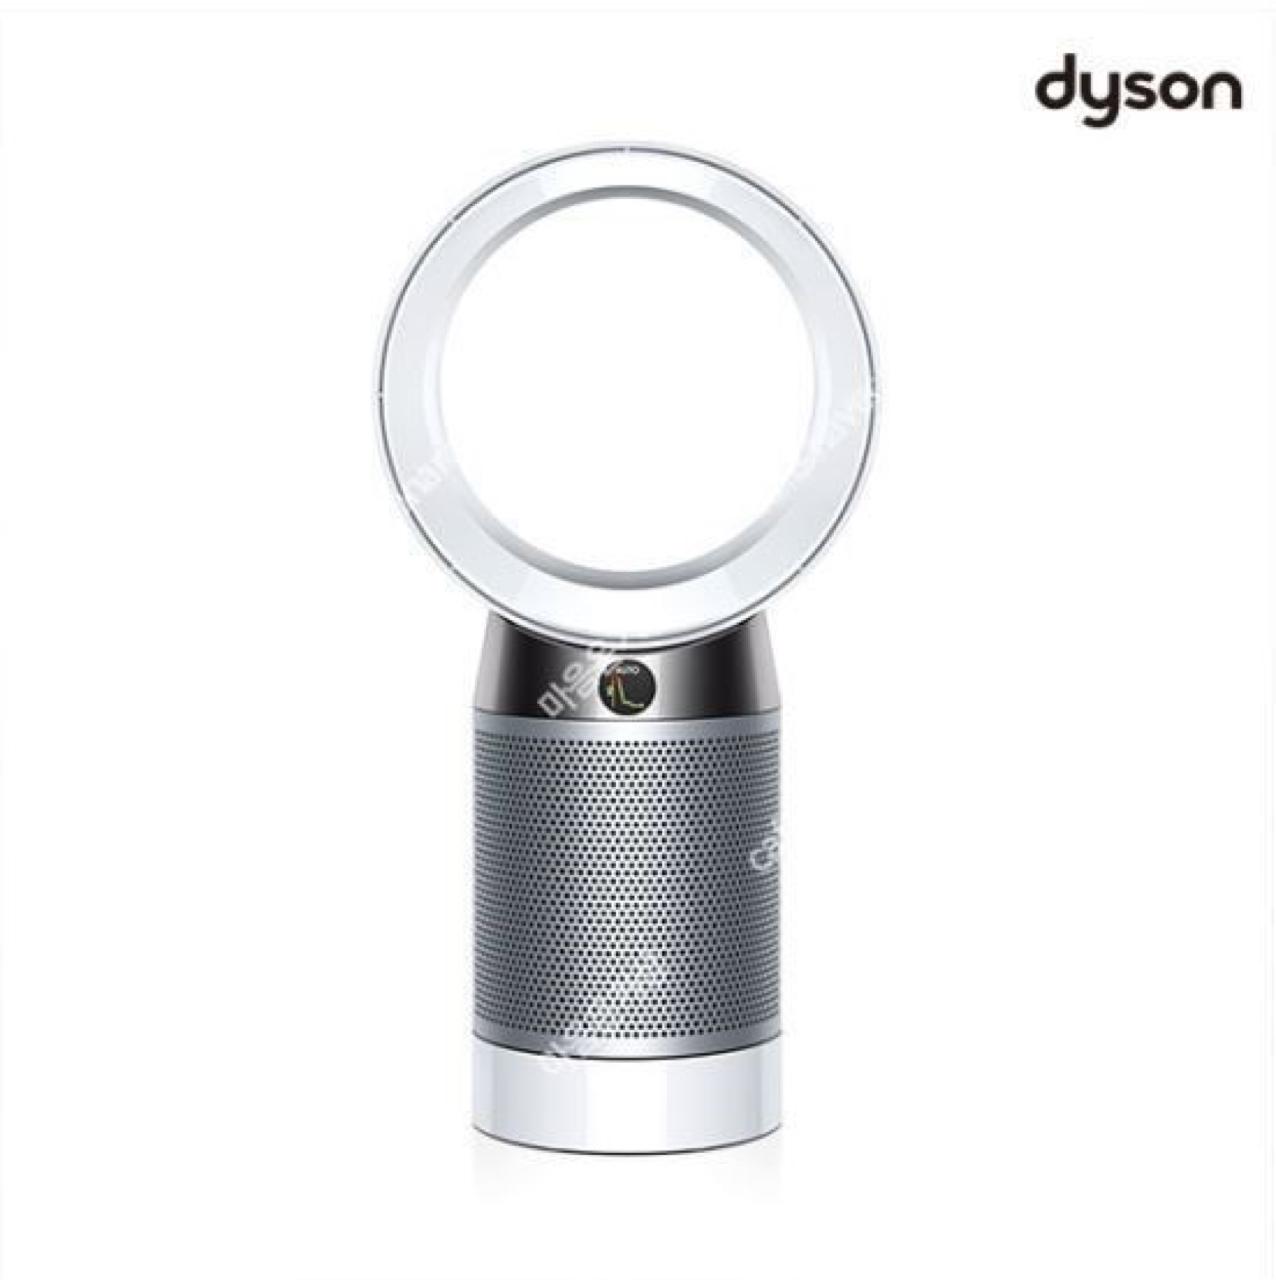 다이슨 최신형 공기청정기 DP04 거의 새제품 싸게 팝니다.